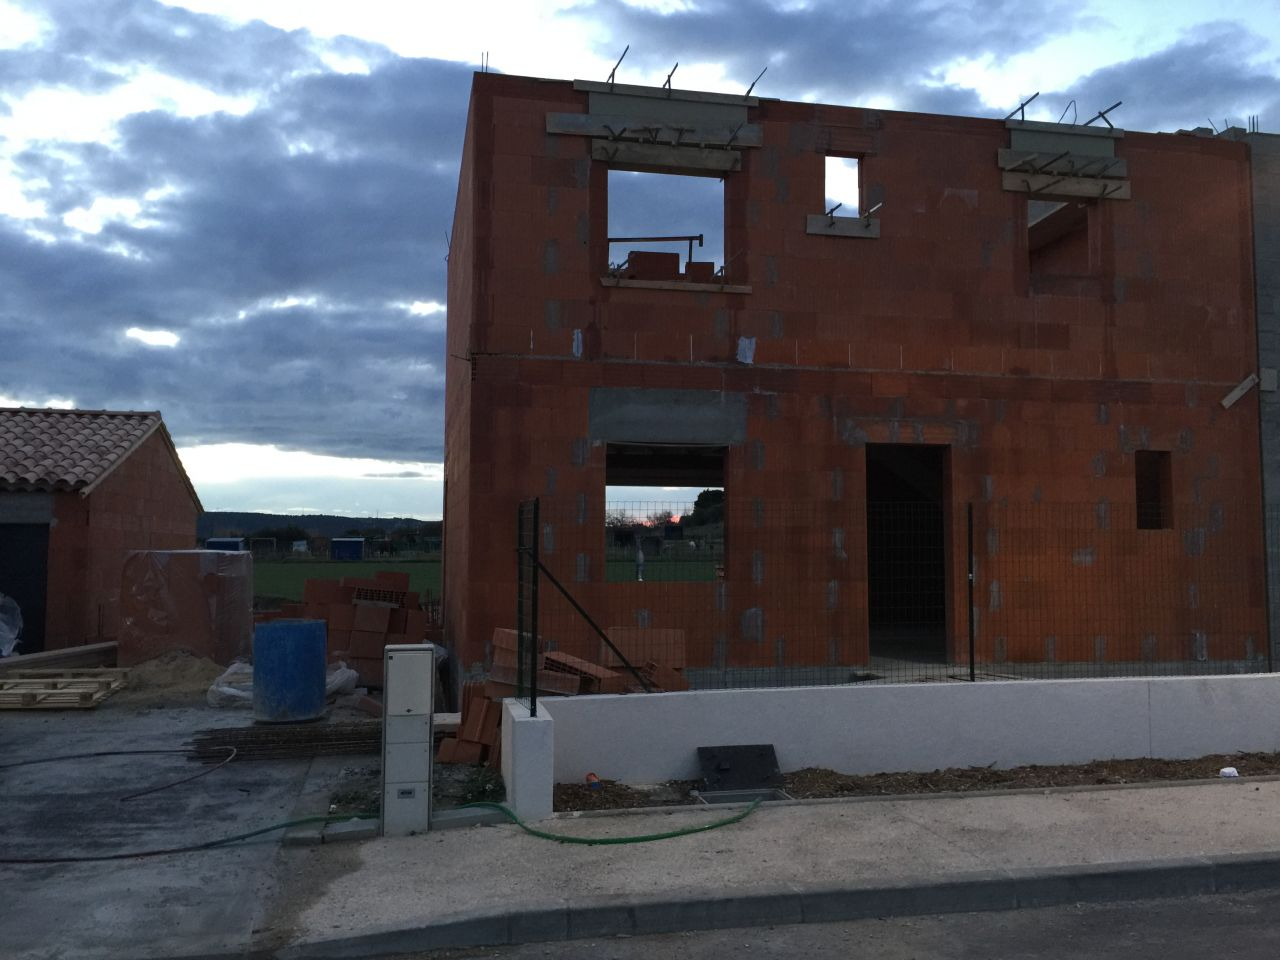 Vu de la maison 'montée' côté est. On peut voir la future entrée de la maison et à gauche il y aura le garage.